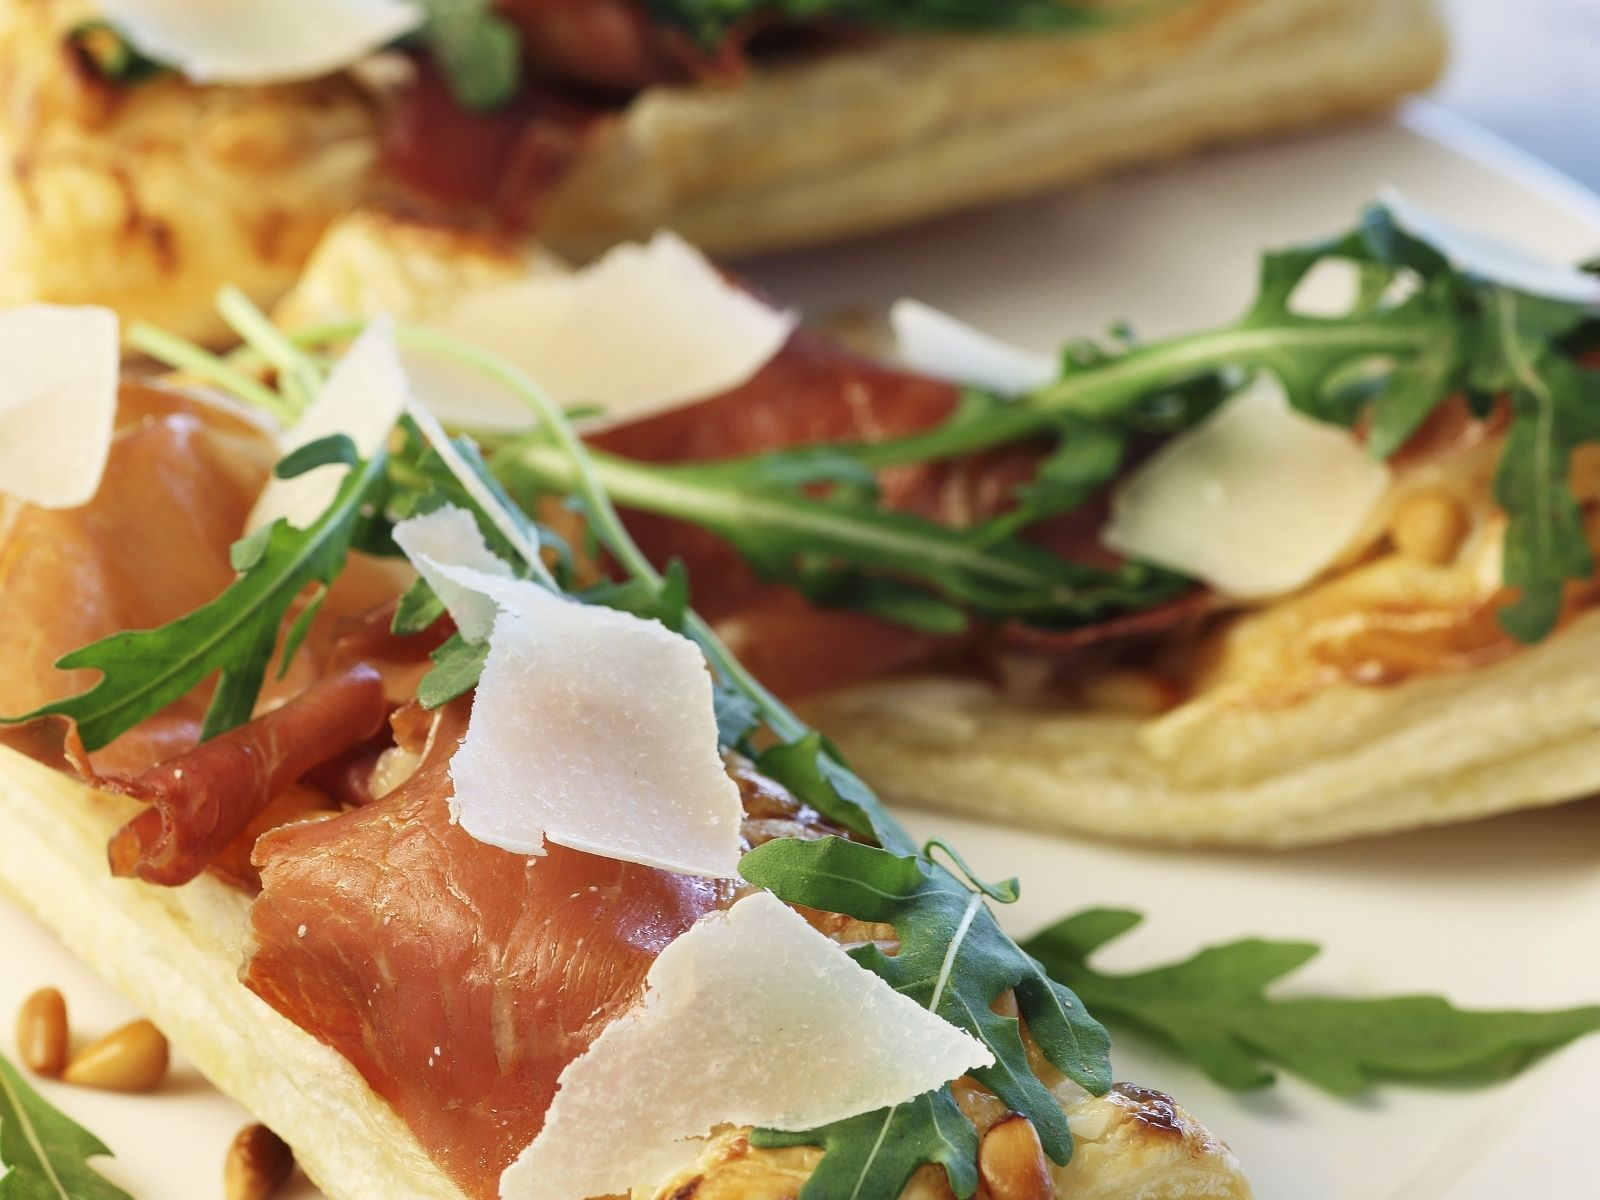 Pizzaschitten mit rohem Schinken, Rauke und Parmesan - smarter - Zeit: 30 Min. | eatsmarter.de